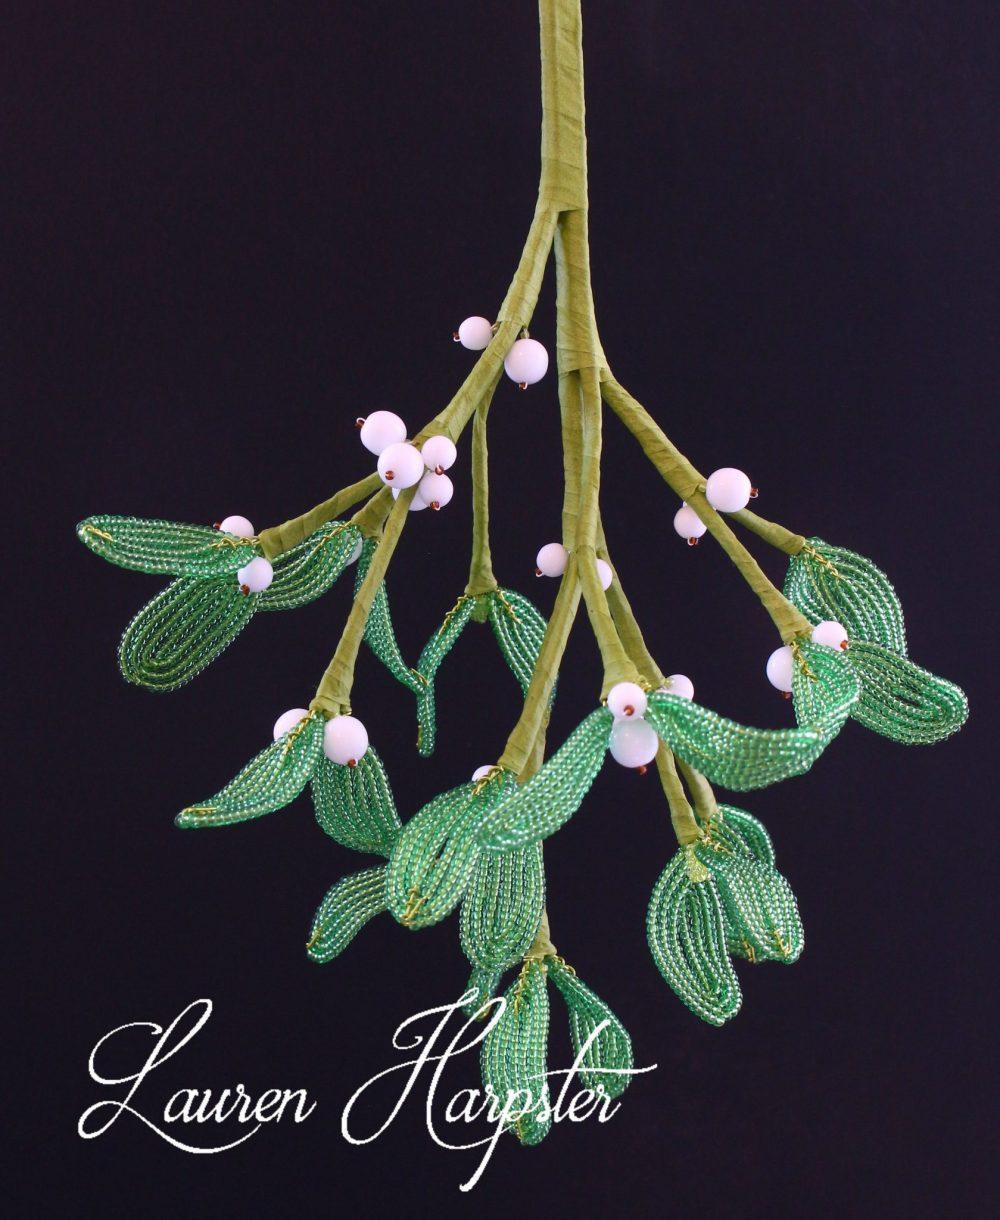 French Beaded Mistletoe by Lauren Harpster